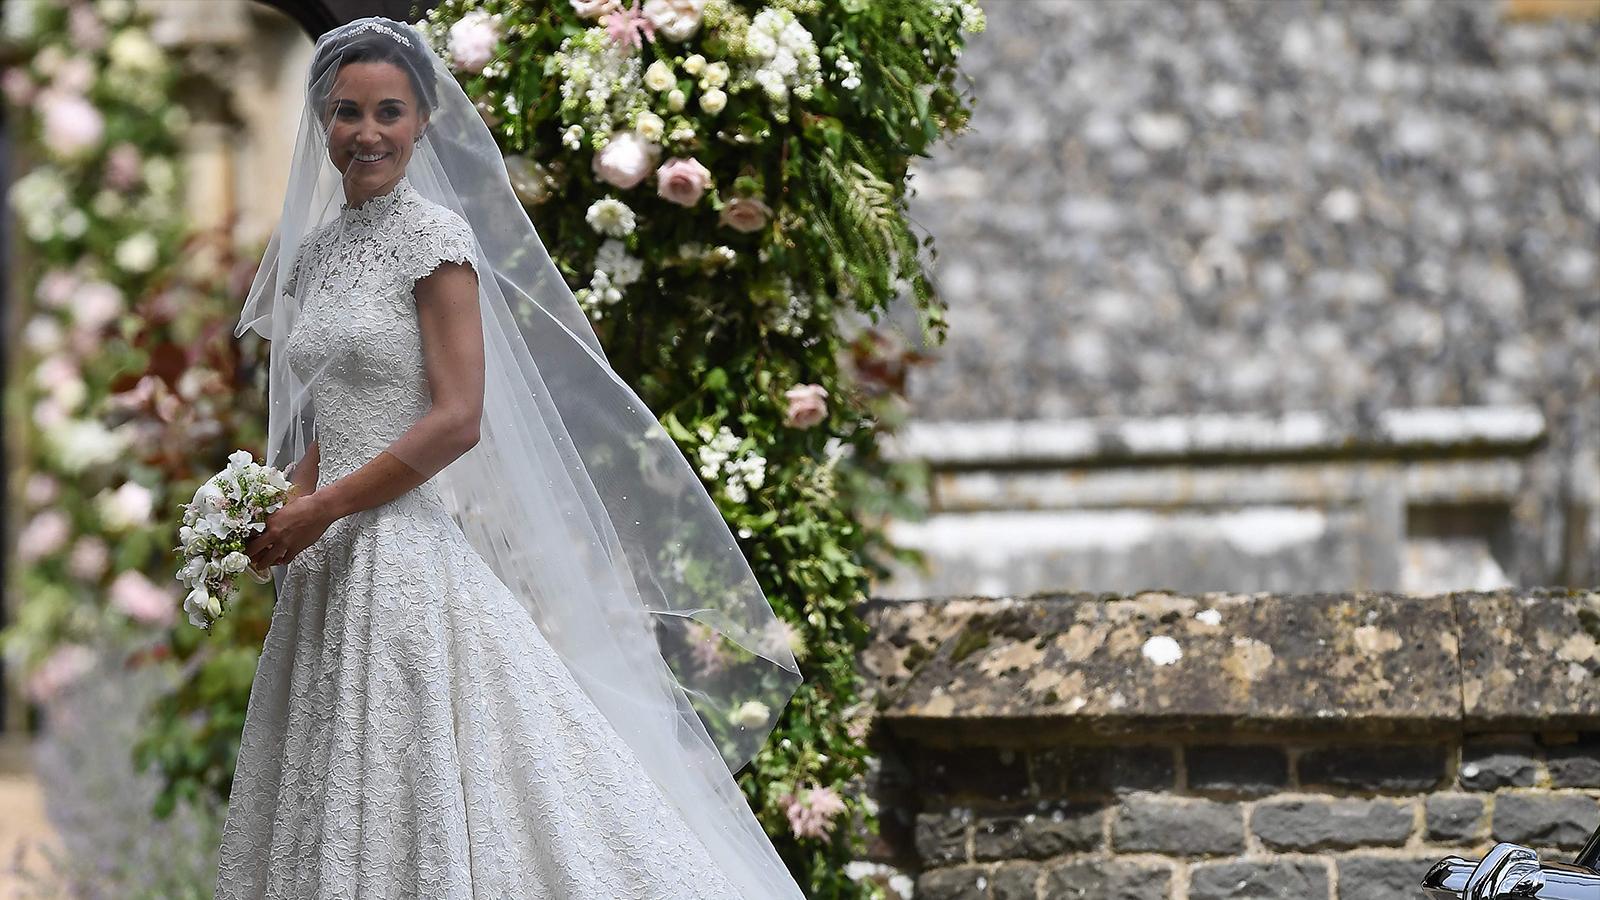 Großzügig Hd Brautkleider Fotos - Hochzeit Kleid Stile Ideen ...